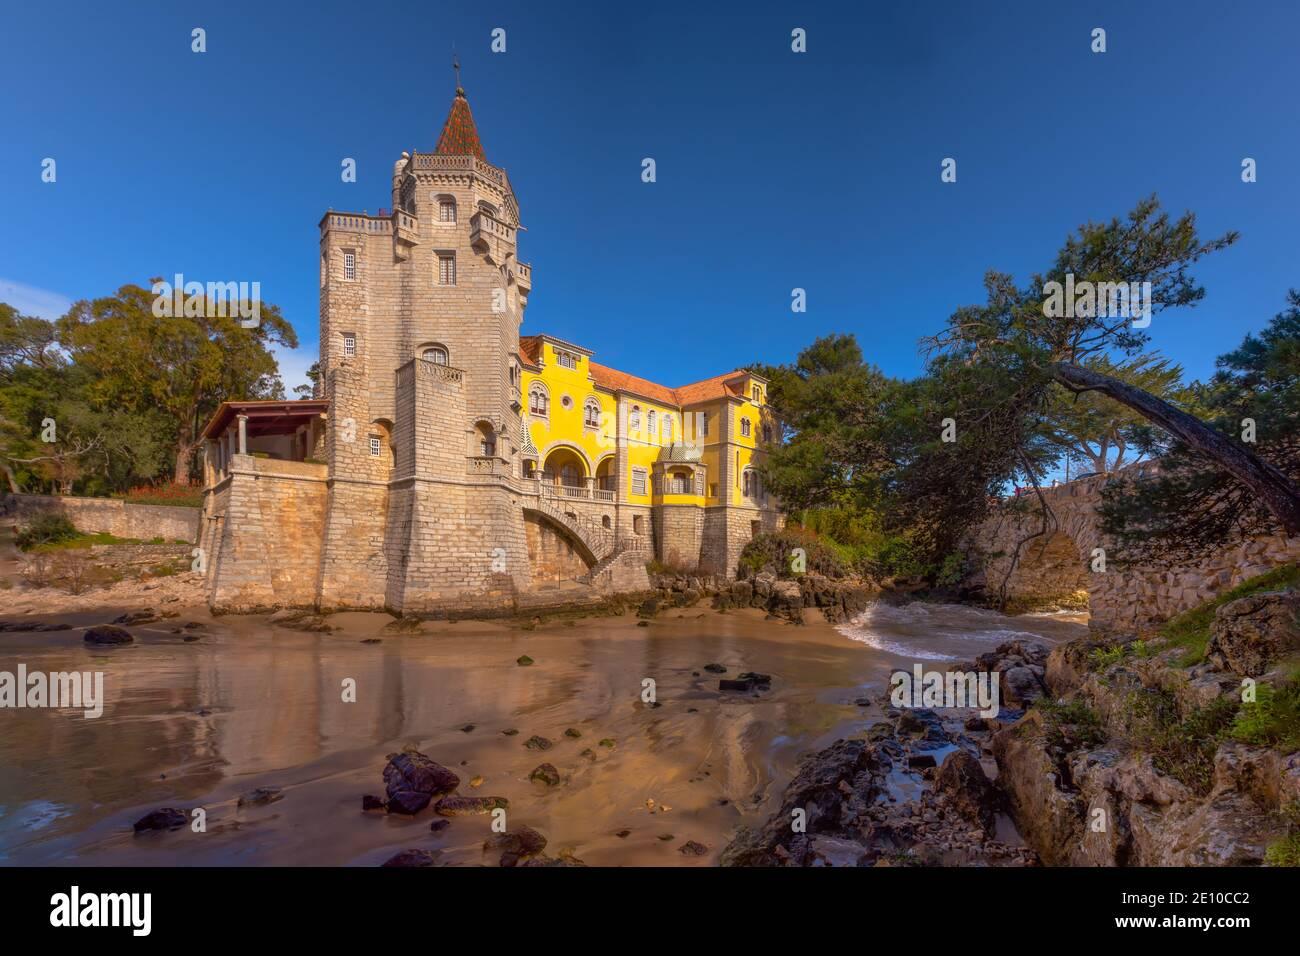 El Palacio Conde de Castro Guimarães Foto de stock